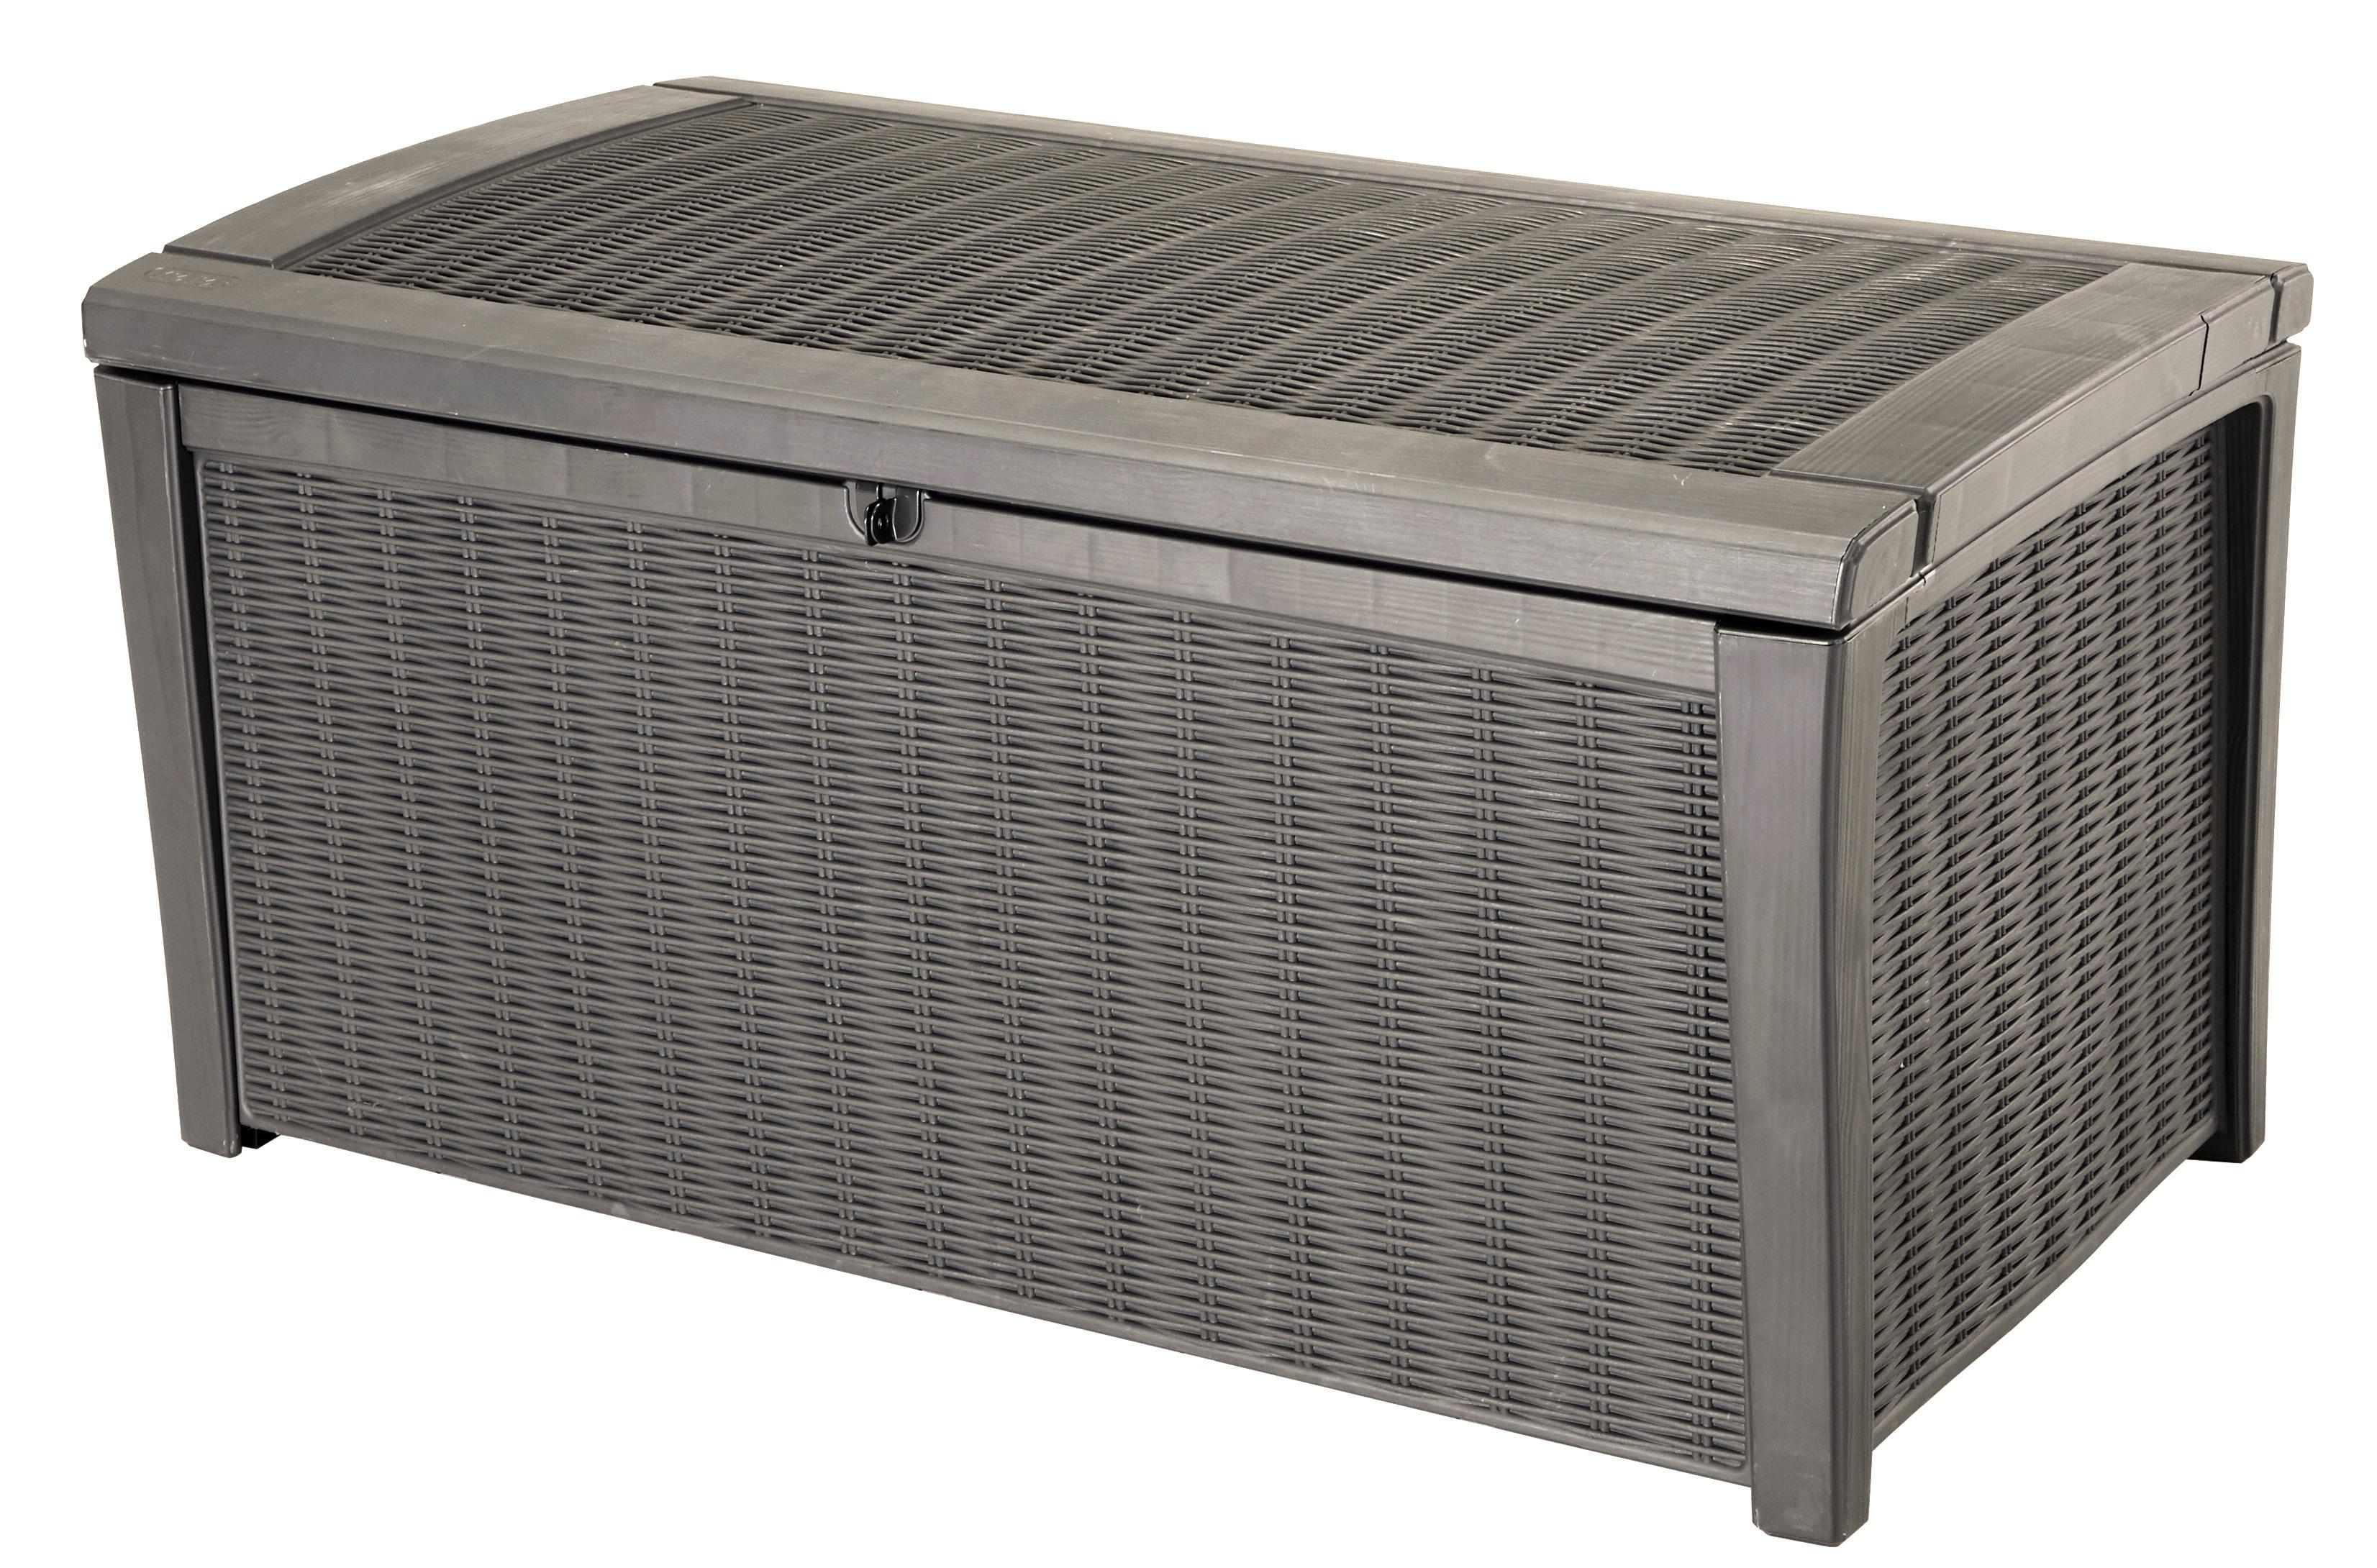 coffre de toit leclerc catalogue e leclerc des prix pour. Black Bedroom Furniture Sets. Home Design Ideas